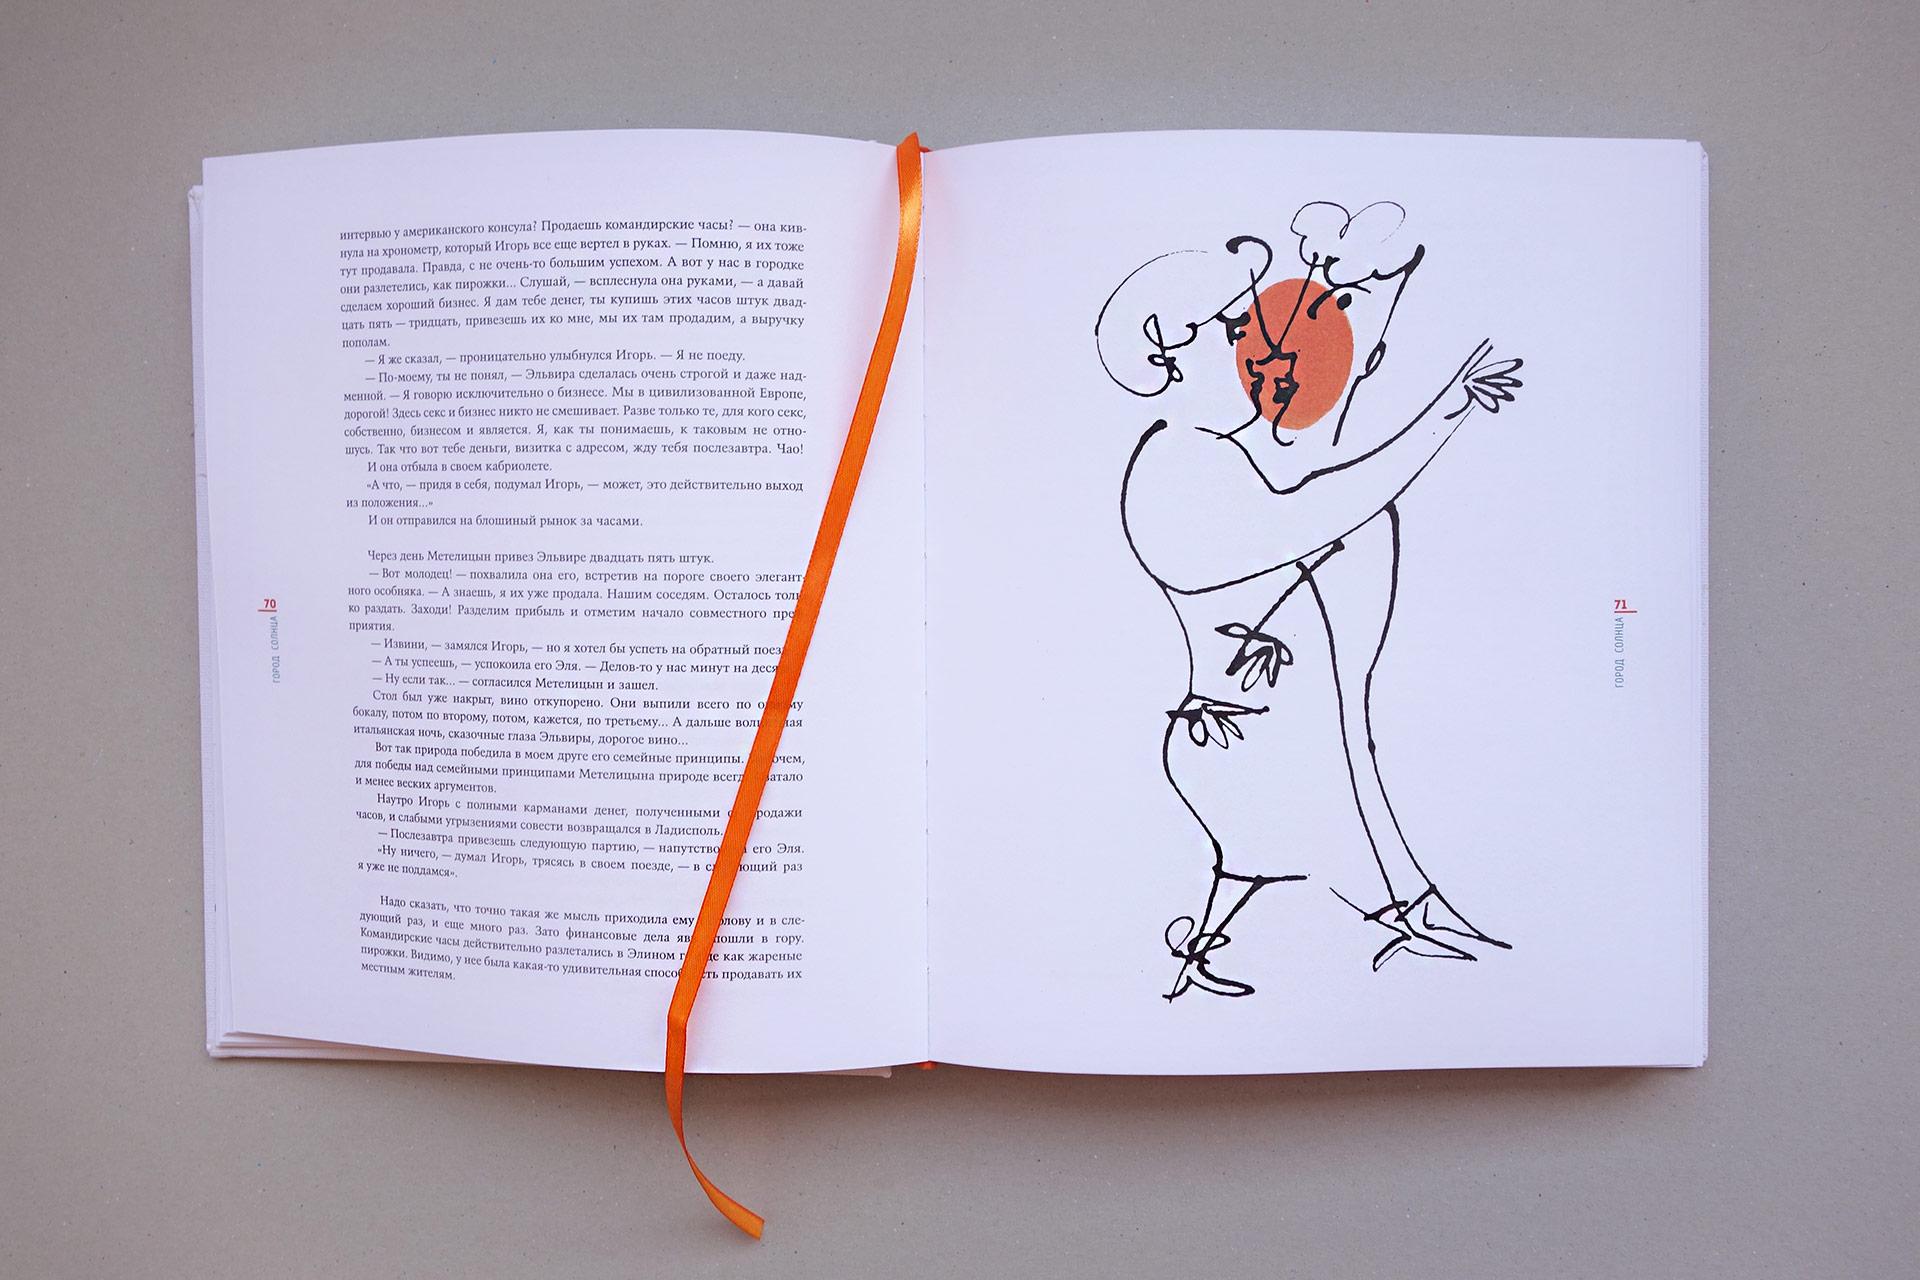 Агентство Asgard Branding, дизайн, печать, печатные издания, дизайн книги, Георгий Голубенко, Михаил Рева, иллюстрации